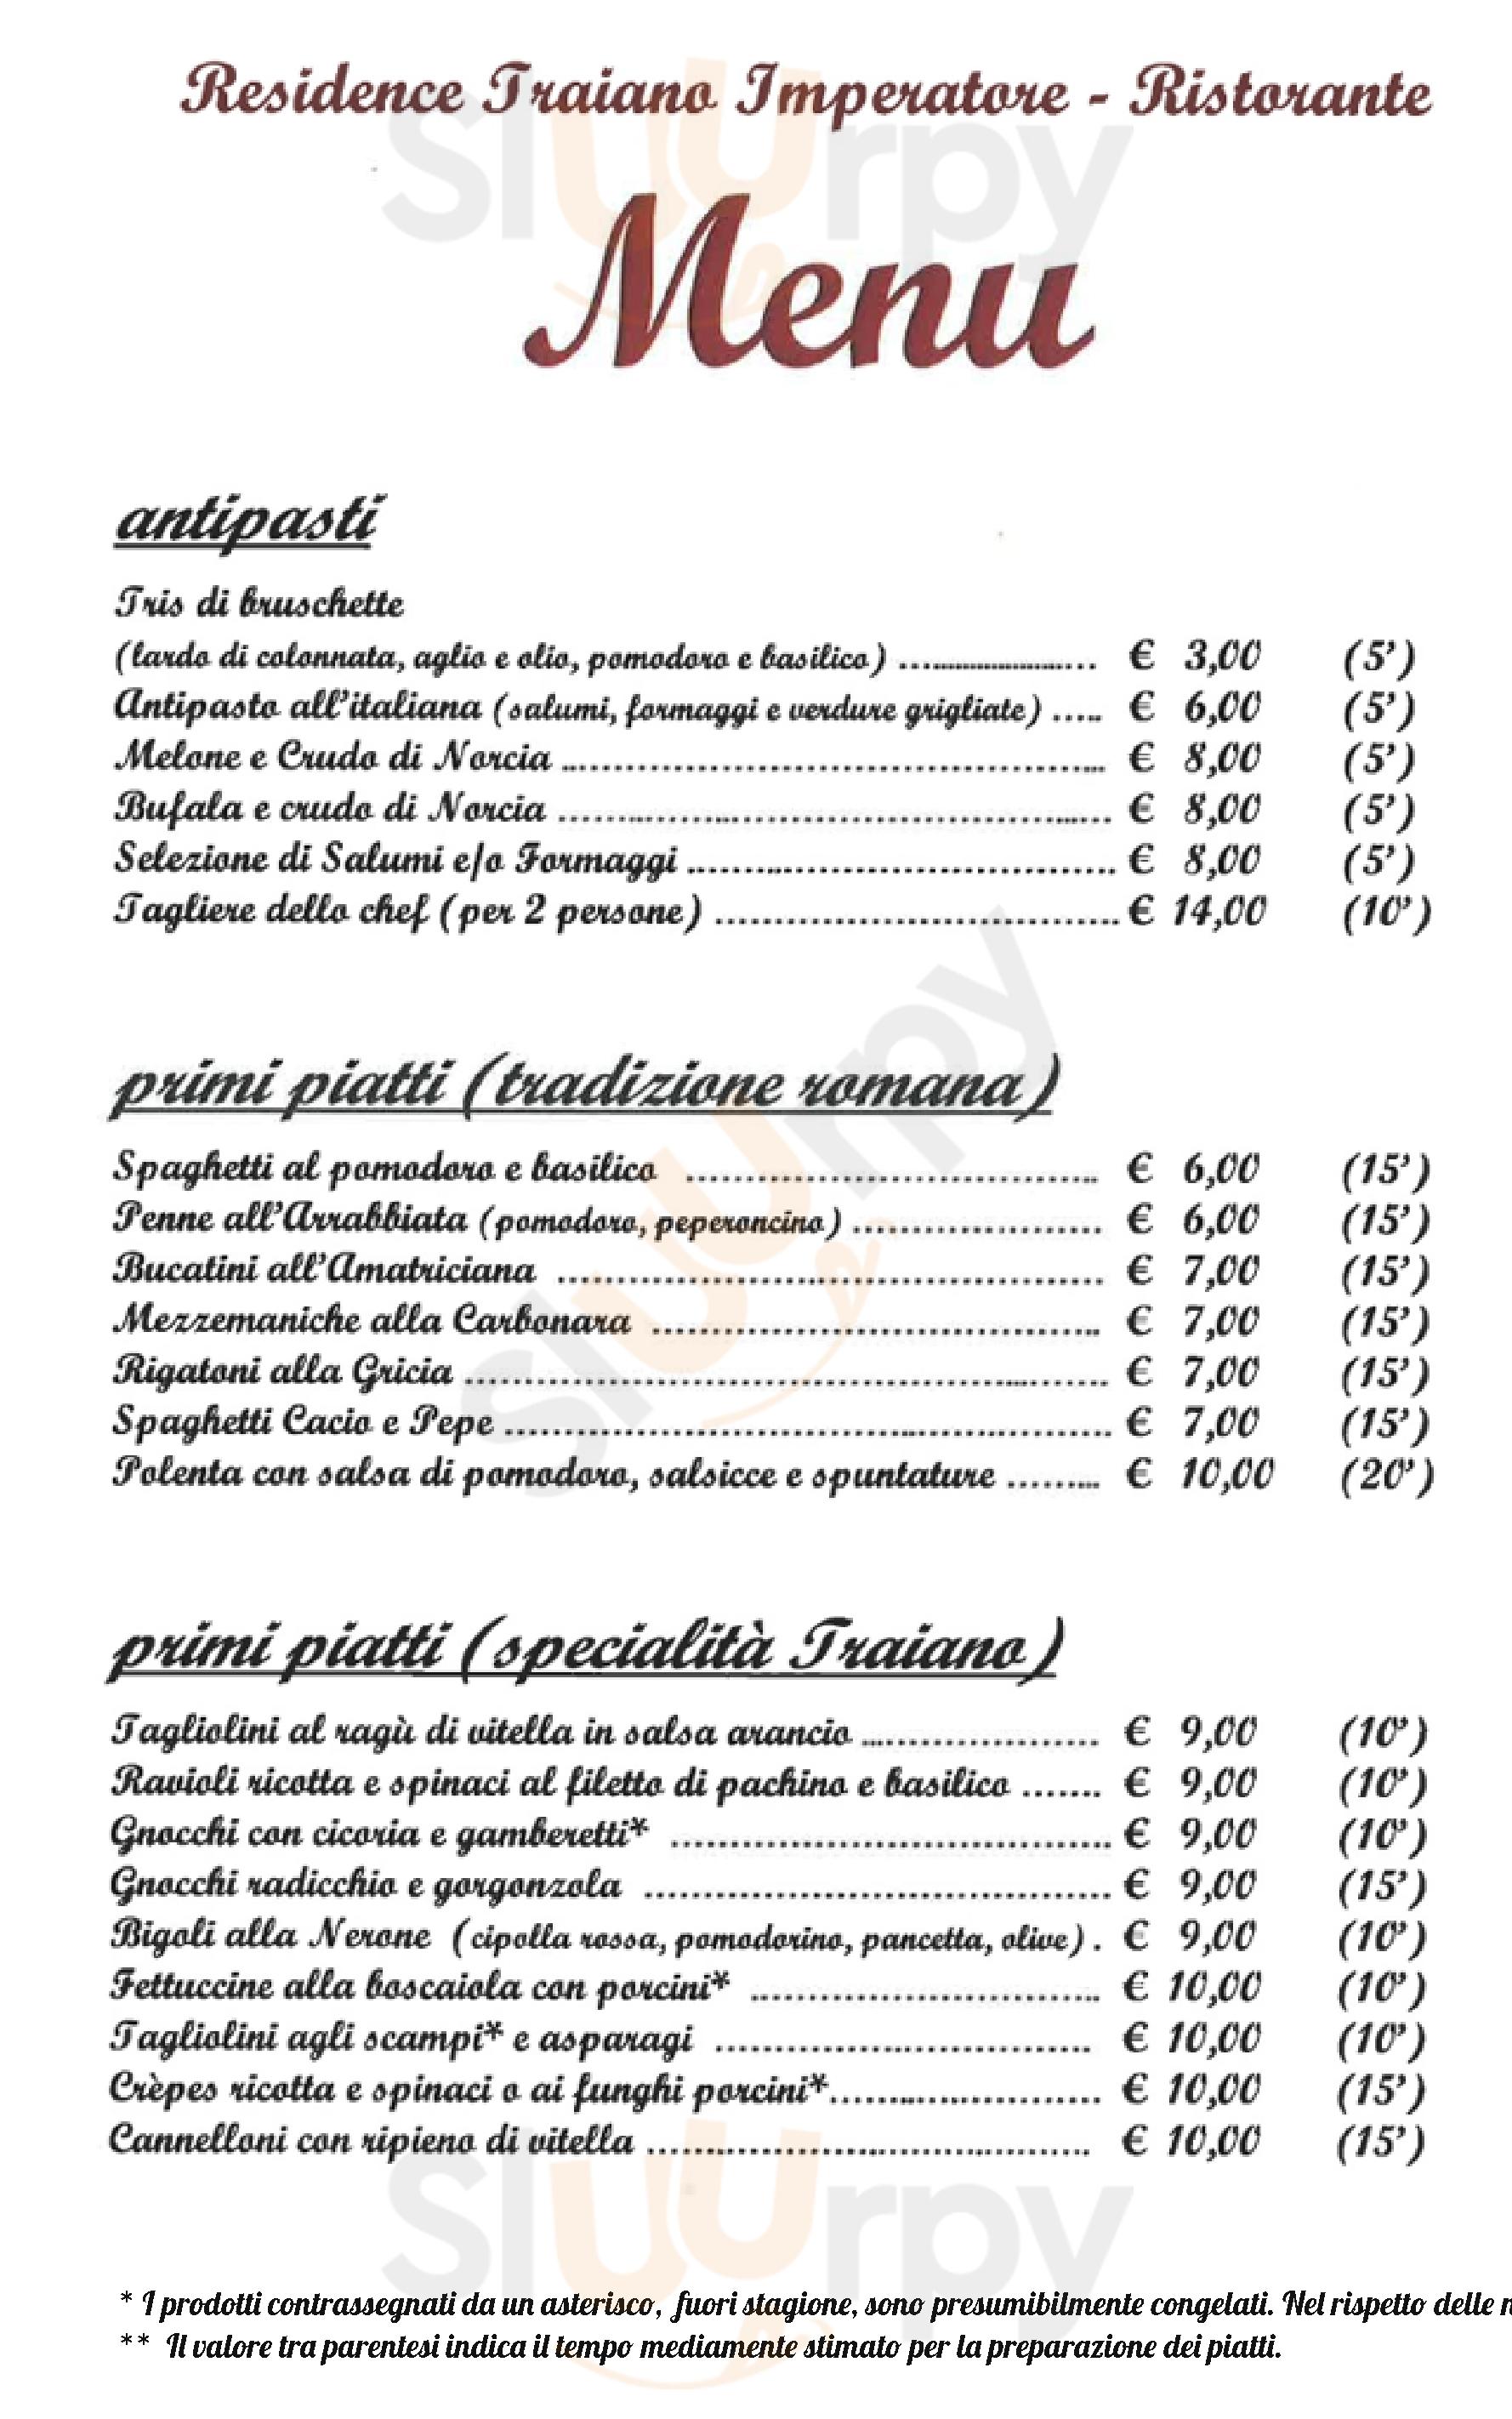 Ristorante Traiano Imperatore Arcinazzo Romano menù 1 pagina